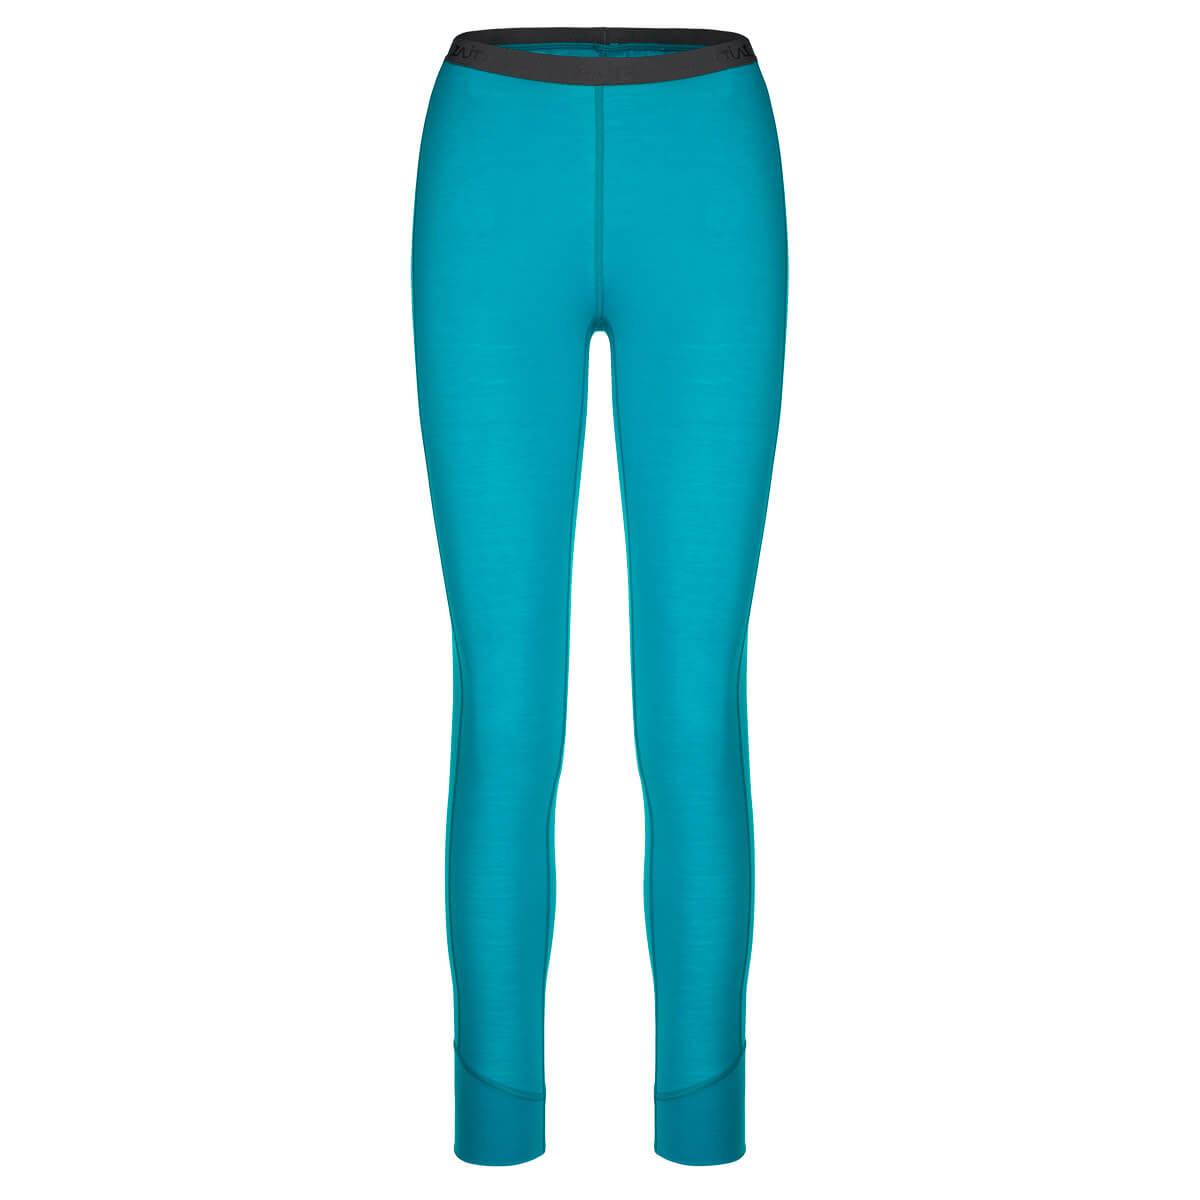 Dámske spodné prádlo Zajo Elsa Merino Nylon W Pants Curacao - veľkosť XS